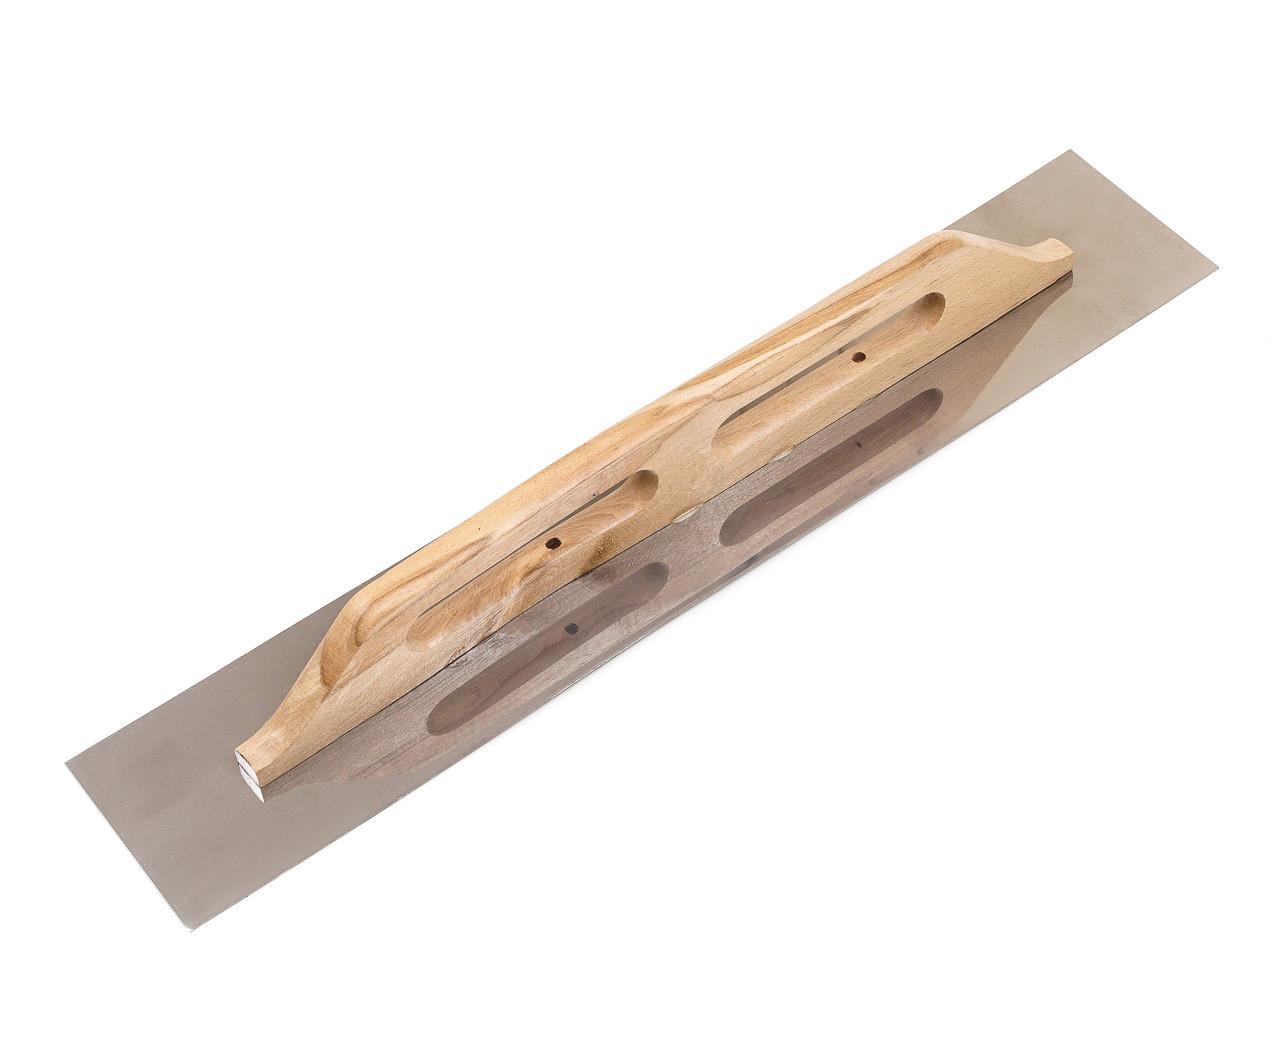 Терка нержавеющая Polax гладкая 125 x 680 мм (100-095) деревянная ручка